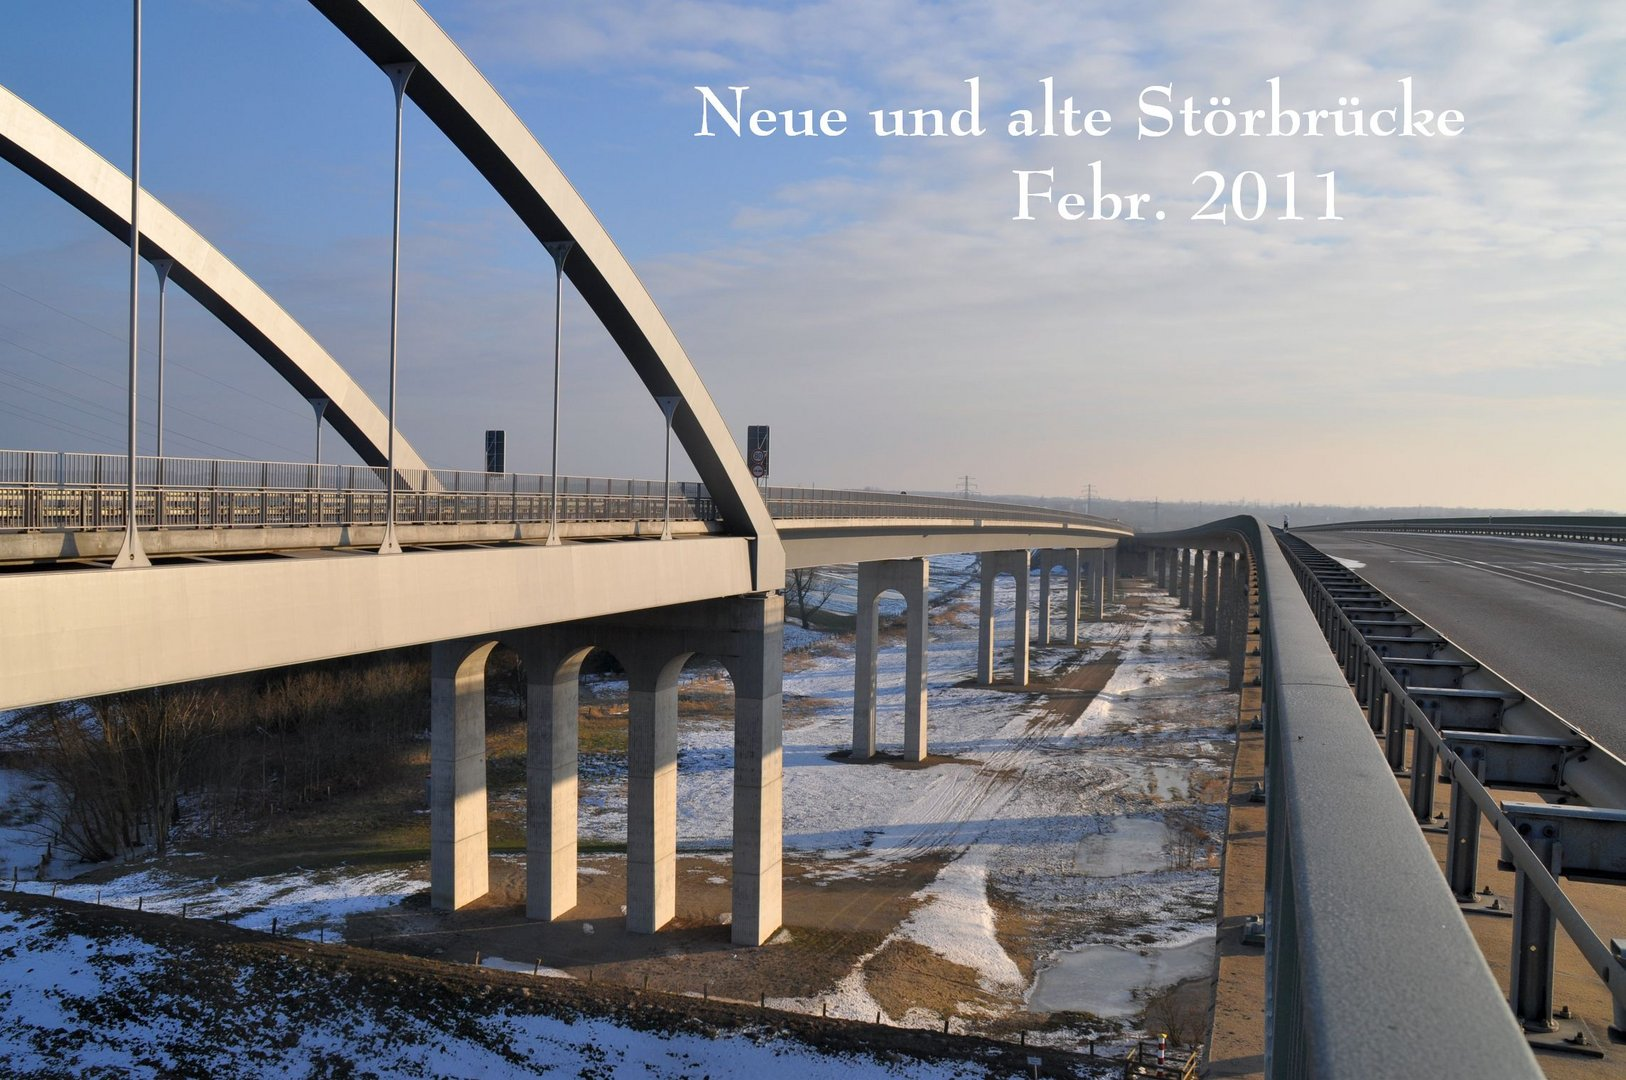 Neue und alte Störbrücke in Itzehoe